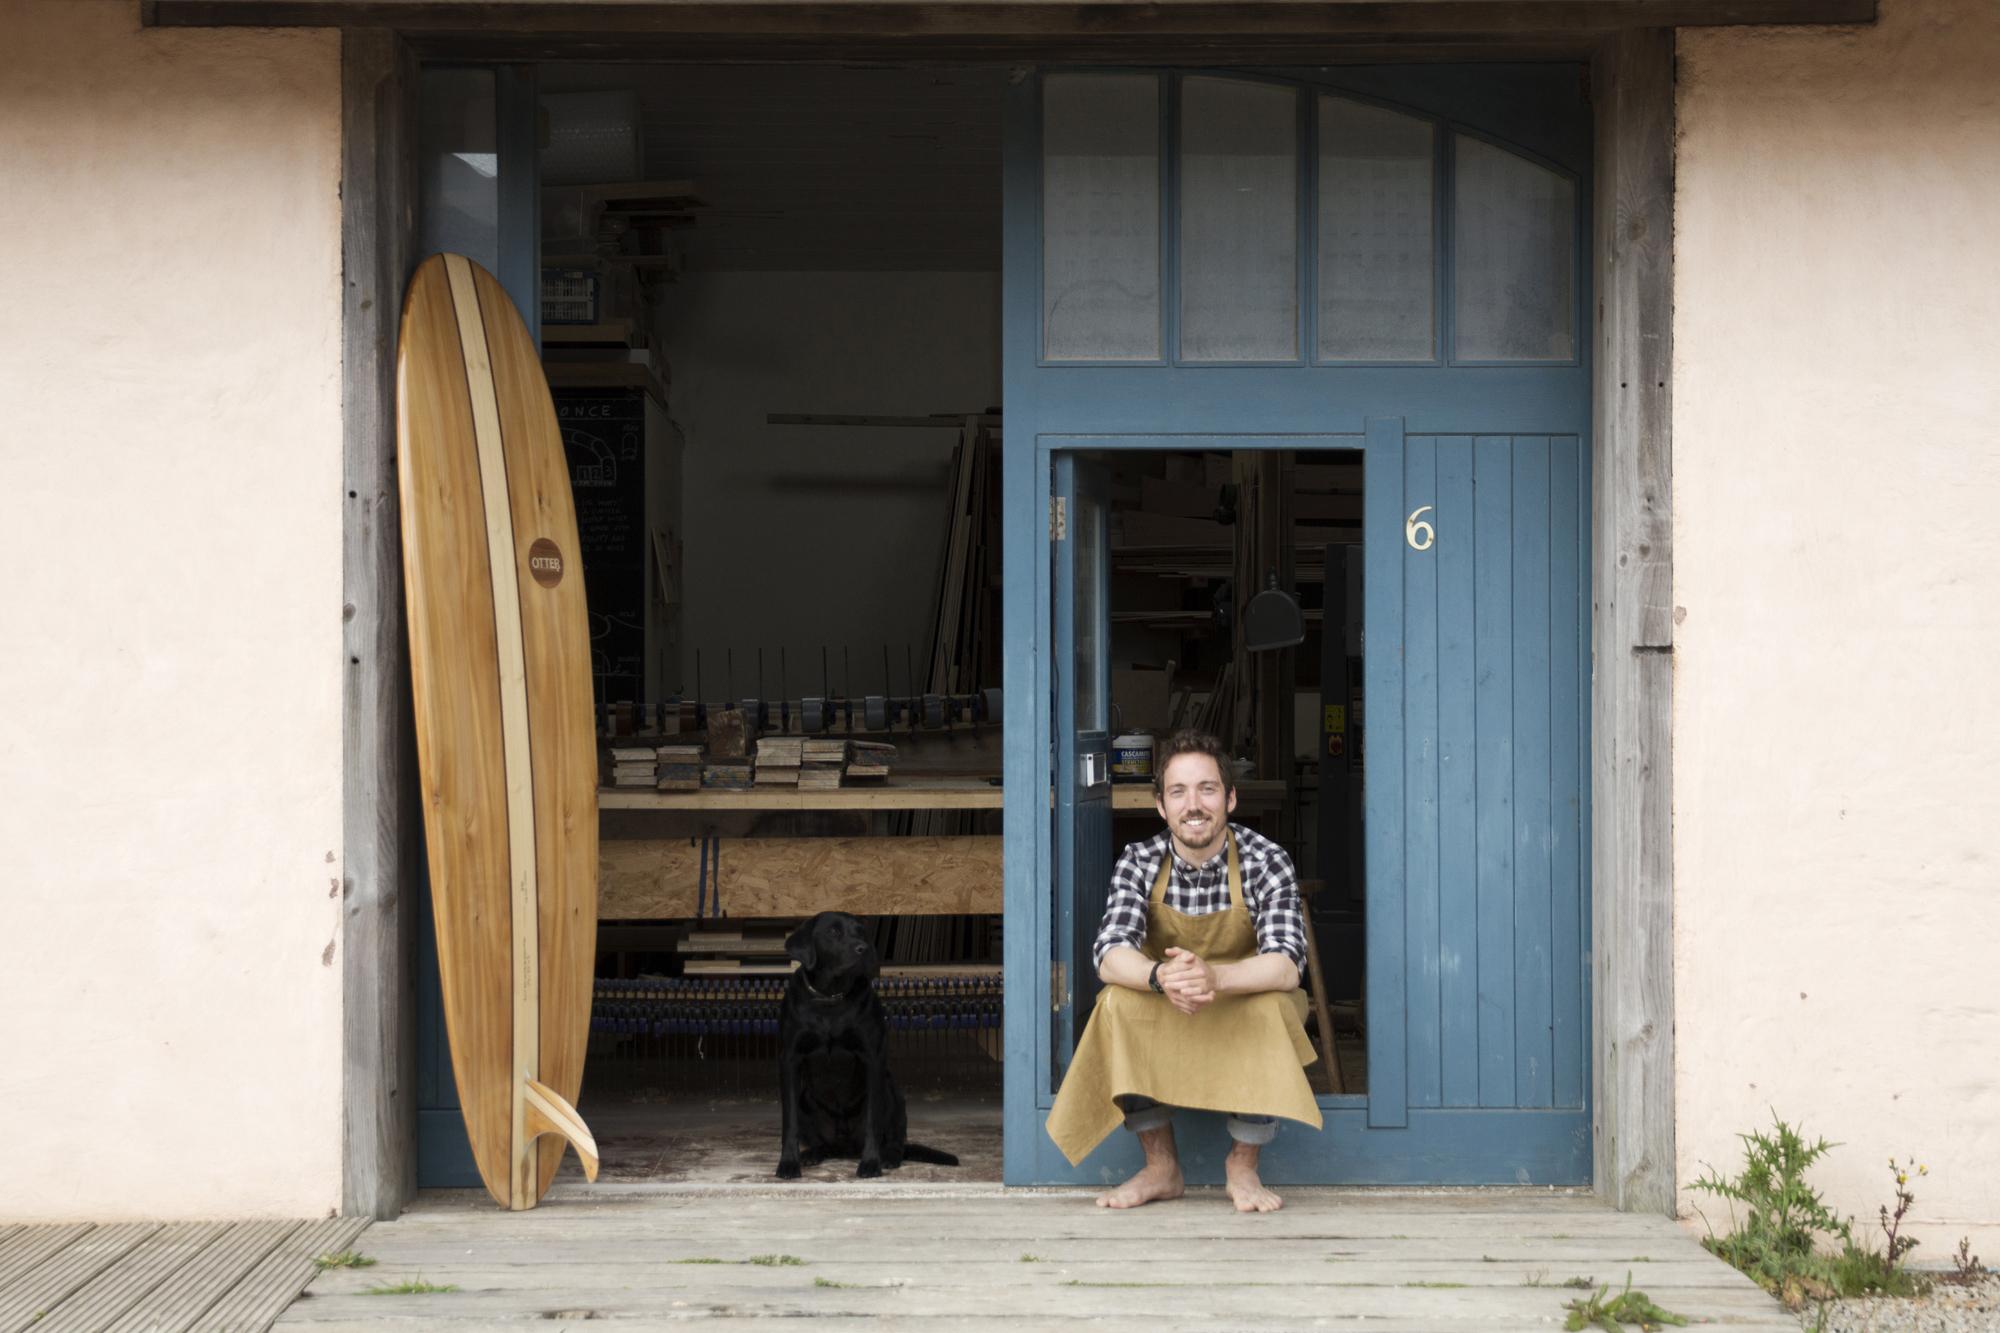 Otter_Surfboards_James_doorway_portrait.jpg